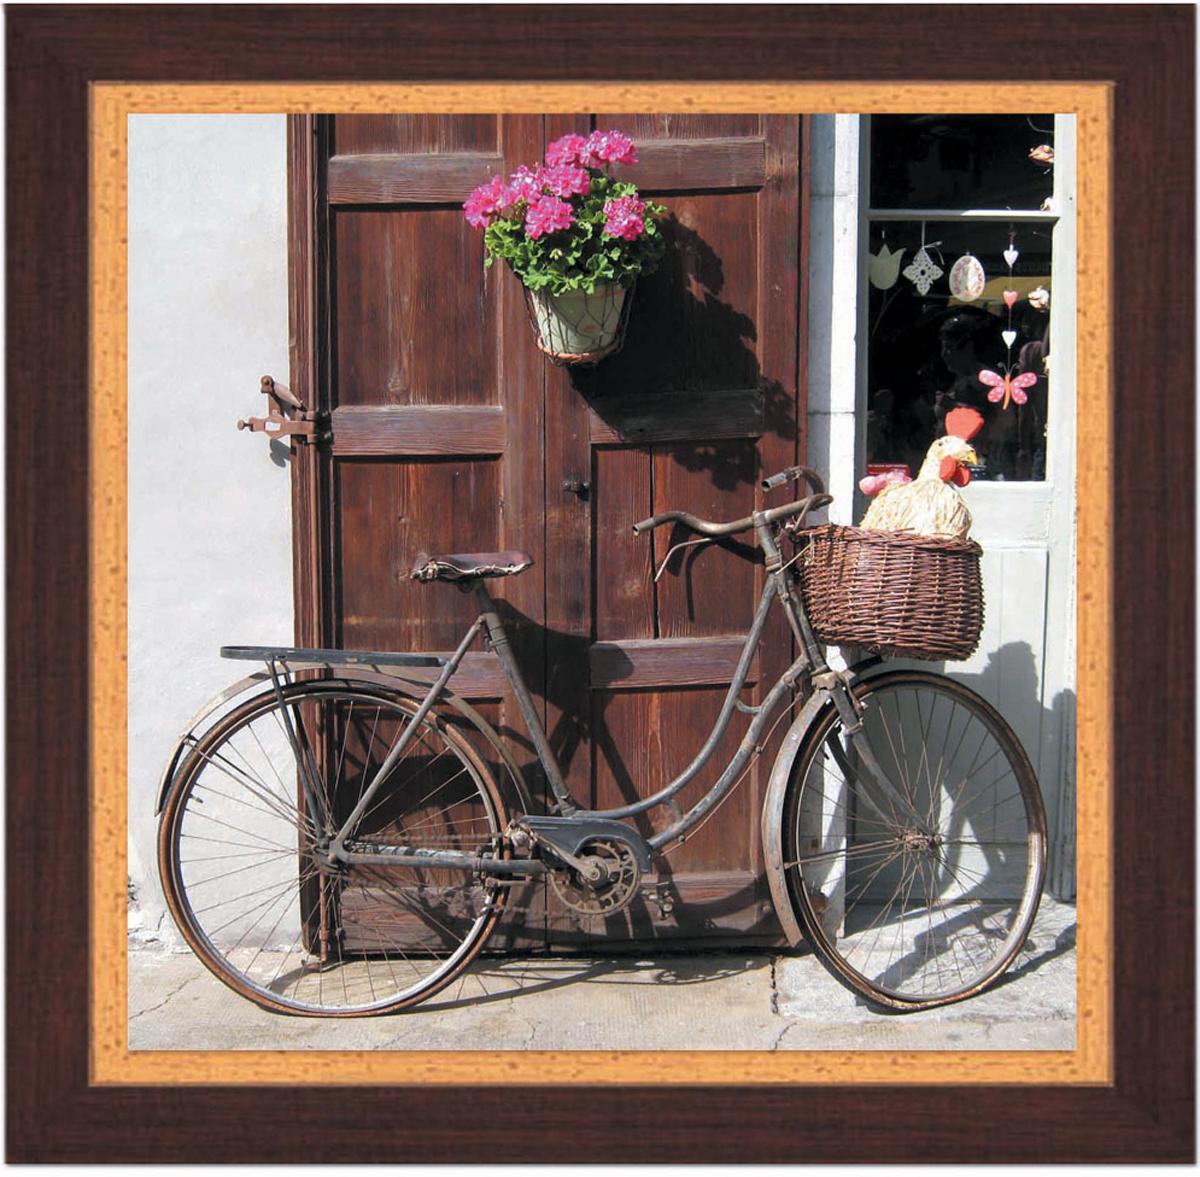 Постер в раме Postermarket Велосипед, 30 х 30 смPM-3003Картина для интерьера (постер) - современное и актуальное направление в дизайне любых помещений.Постер с красочным изображением велосипеда оформлен в раму коричневого цвета, выполненную из пластика под дерево. Картина защищена прозрачным пластиком. С задней стороны имеется петелька для подвешивания к стене. Картина может использоваться для оформления любых интерьеров: - дом, квартира (гостиная, спальня, кухня, прихожая, детская); - офис (комната переговоров, холл, кабинет); - бар, кафе, ресторан или гостиница.Картины, предоставляемые компанией Постермаркет:- собраны вручную из лучших импортных комплектующих; - надежно упакованы в пленку с противоударными уголками.